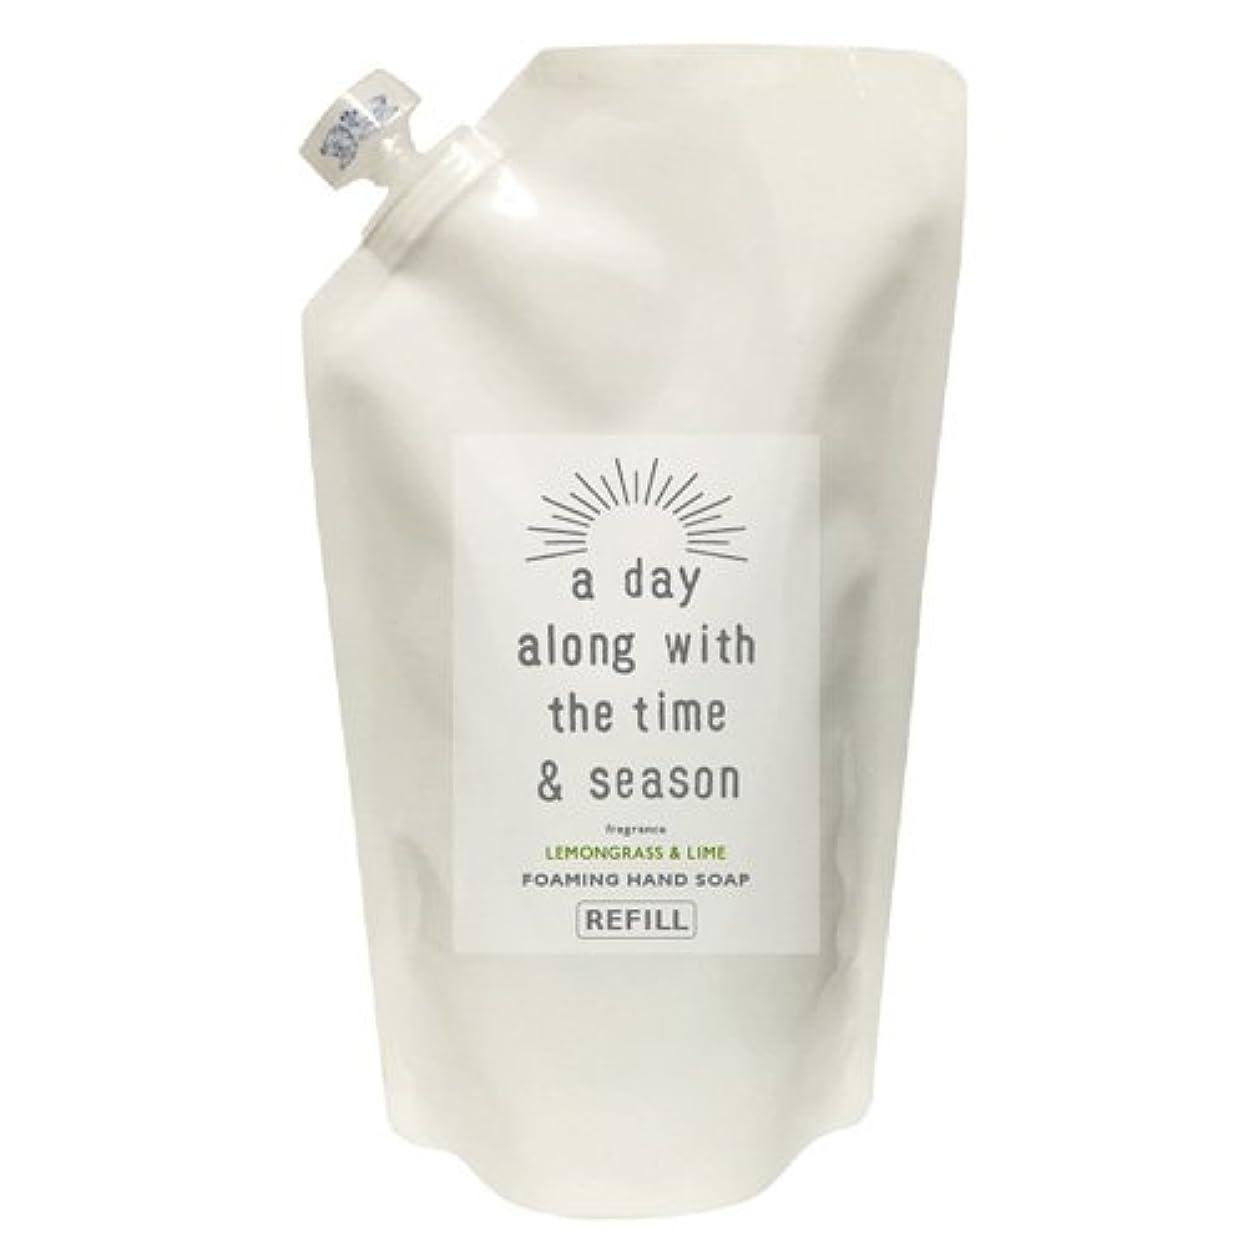 座標バブル資格アデイ(a day) フォーミングハンドソープリフィル レモングラス&ライム 300ml(2回分)(手洗い用 泡タイプ 天然由来 詰め替え用 ハーブ調でやさしいレモングラスにフレッシュなライムをプラスした香り)